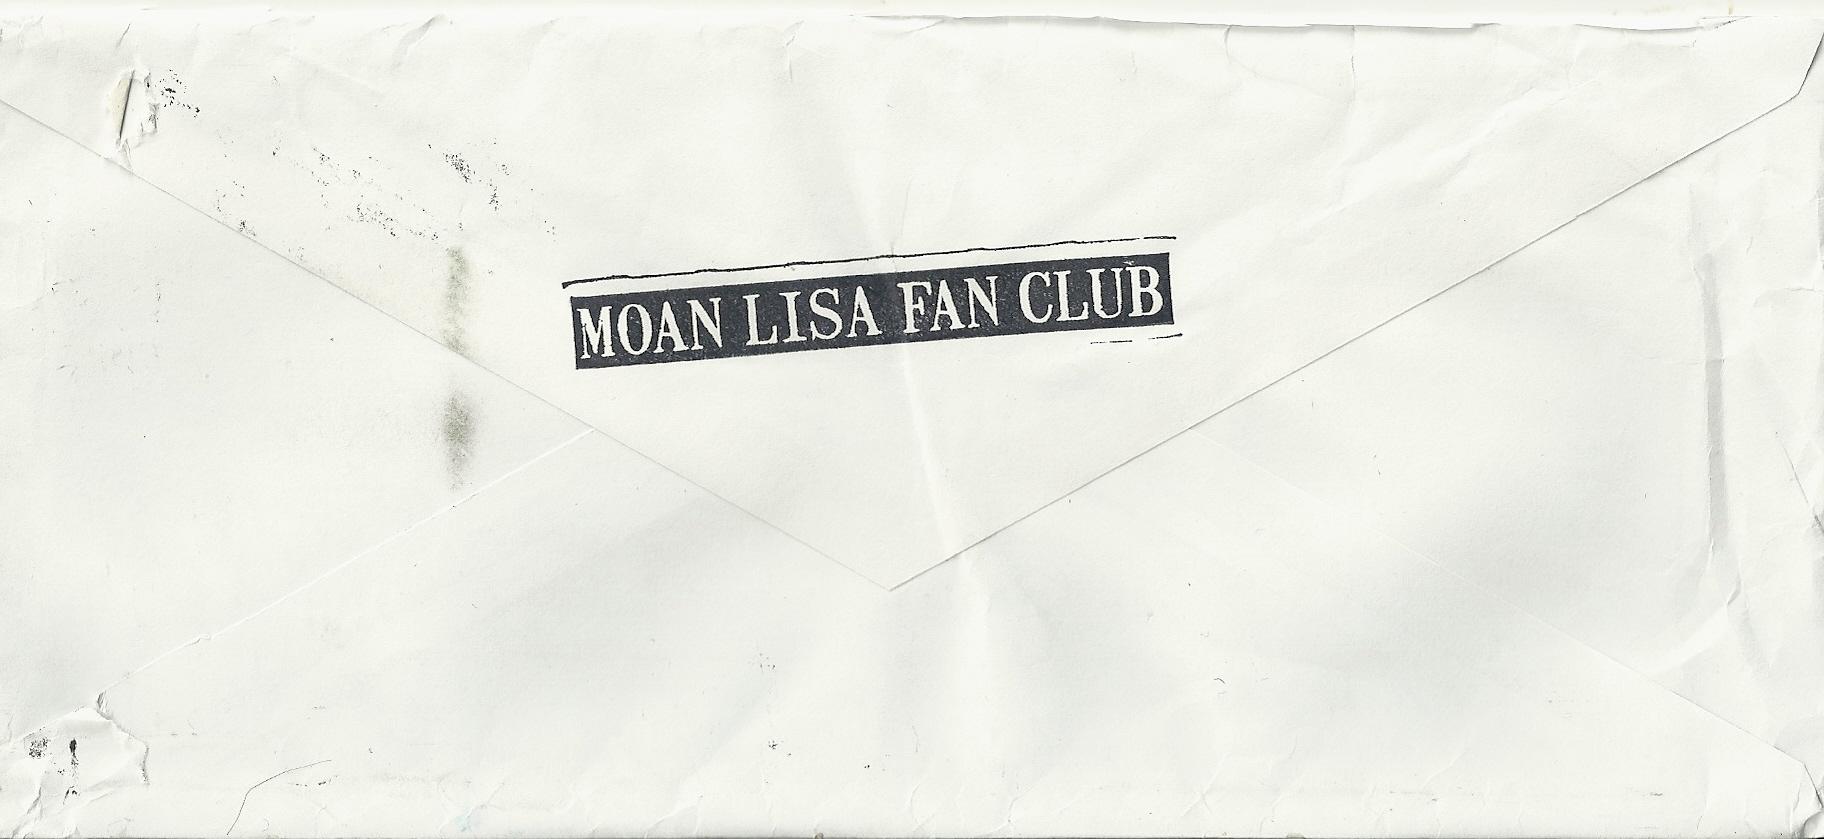 moan - 2.1.2014 - 9